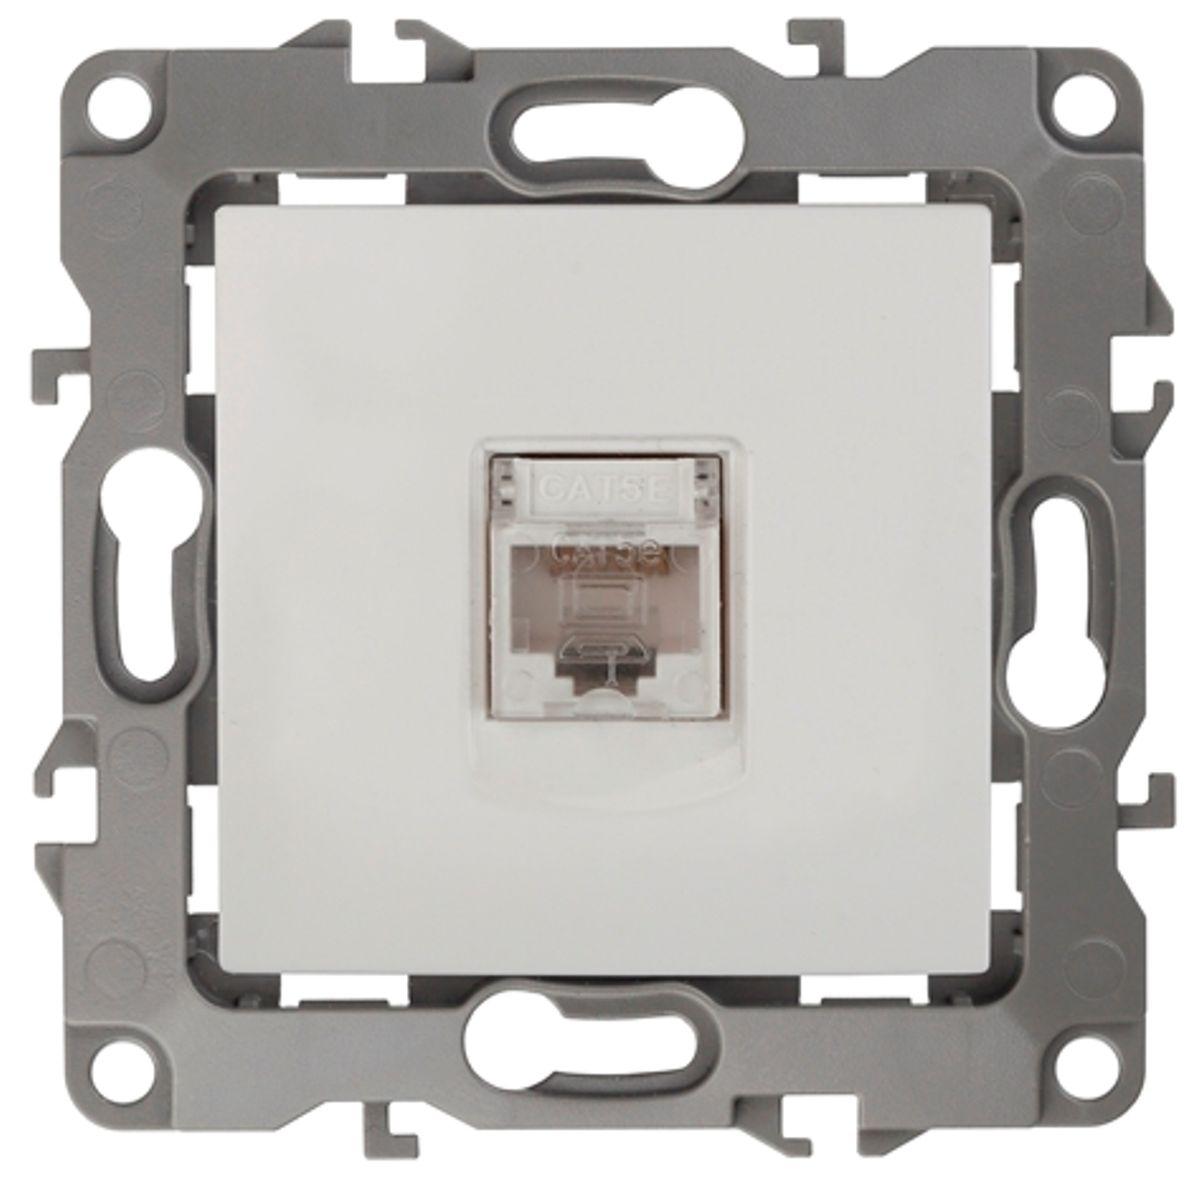 Розетка информационная Эра, цвет: белый12-3107-01Информационная розетка Эра скрытой установки, категории 5е, имеет бронзовые контакты, фиксаторы модулей и защитную крышку. Предназначена для установки в телекоммуникационных сетях и служит для подключения к локальным сетям, сети интернет и для подсоединения внешних устройств (телефон, факс и прочее). Автоматические зажимы кабеля обеспечивают быстрый и надежный монтаж изделия к электросети без отвертки и не требуют обслуживания в отличие от винтовых зажимов.